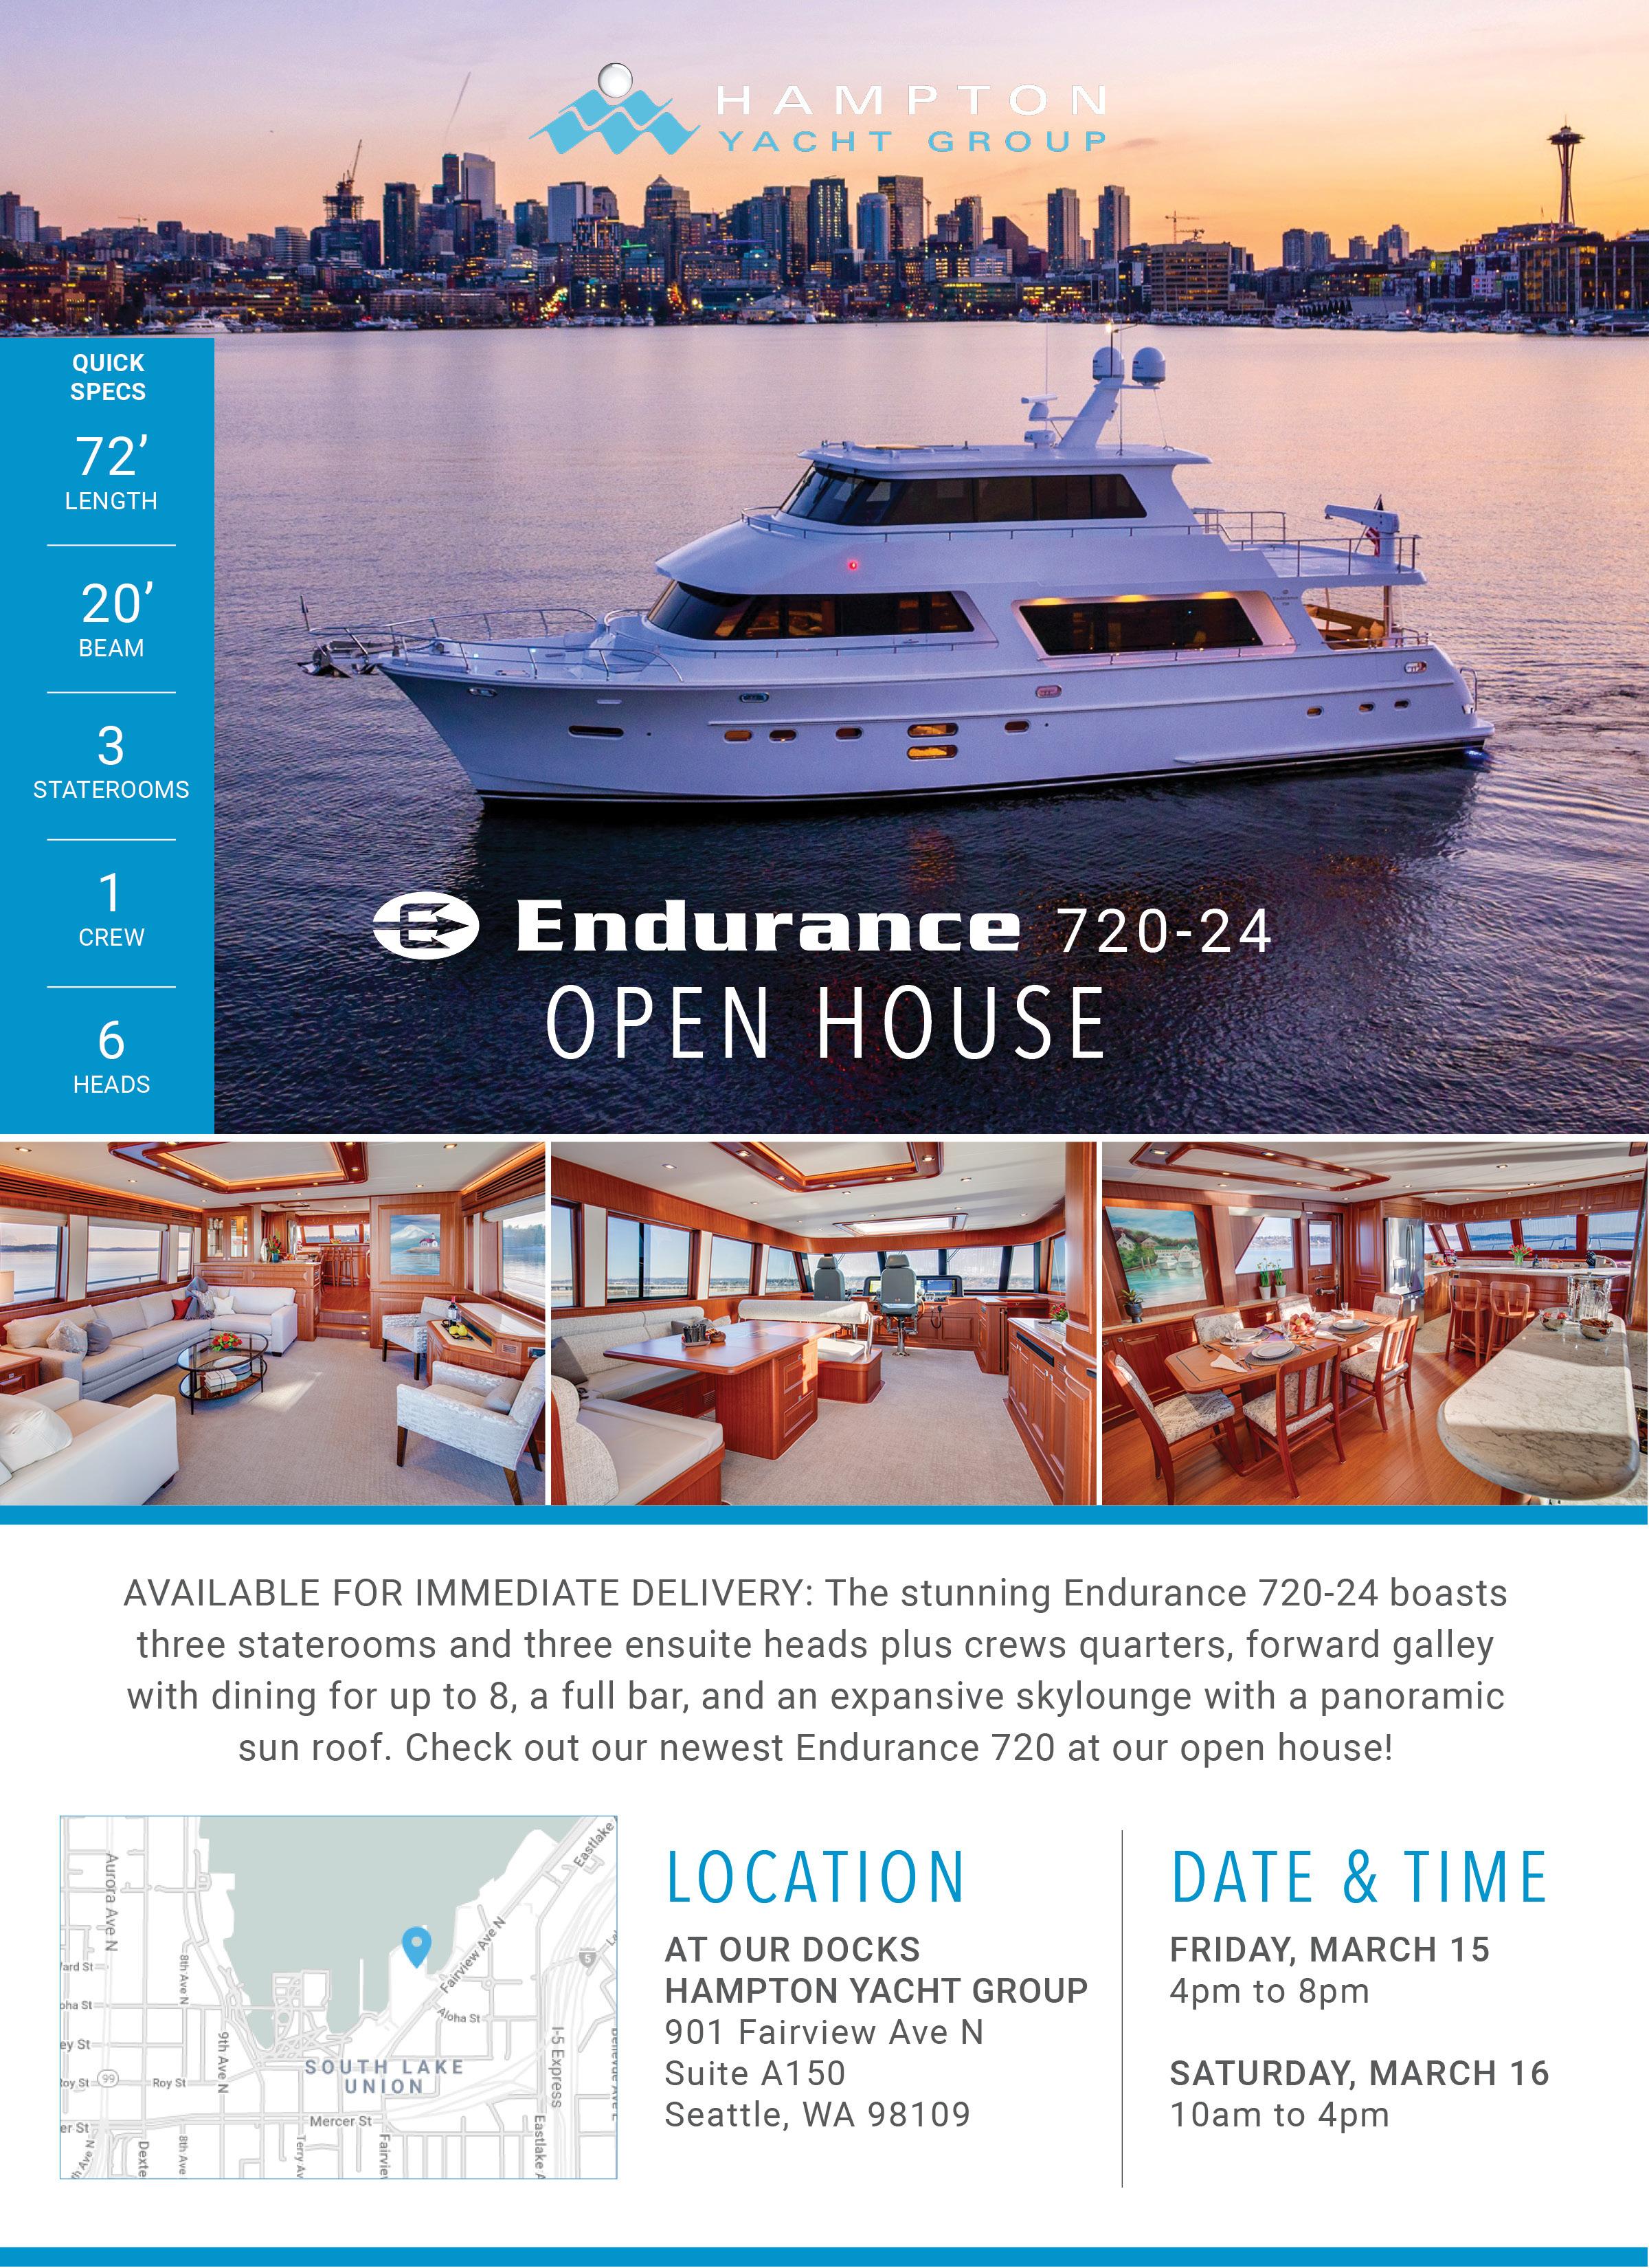 Open-House-Invite.jpg#asset:8932